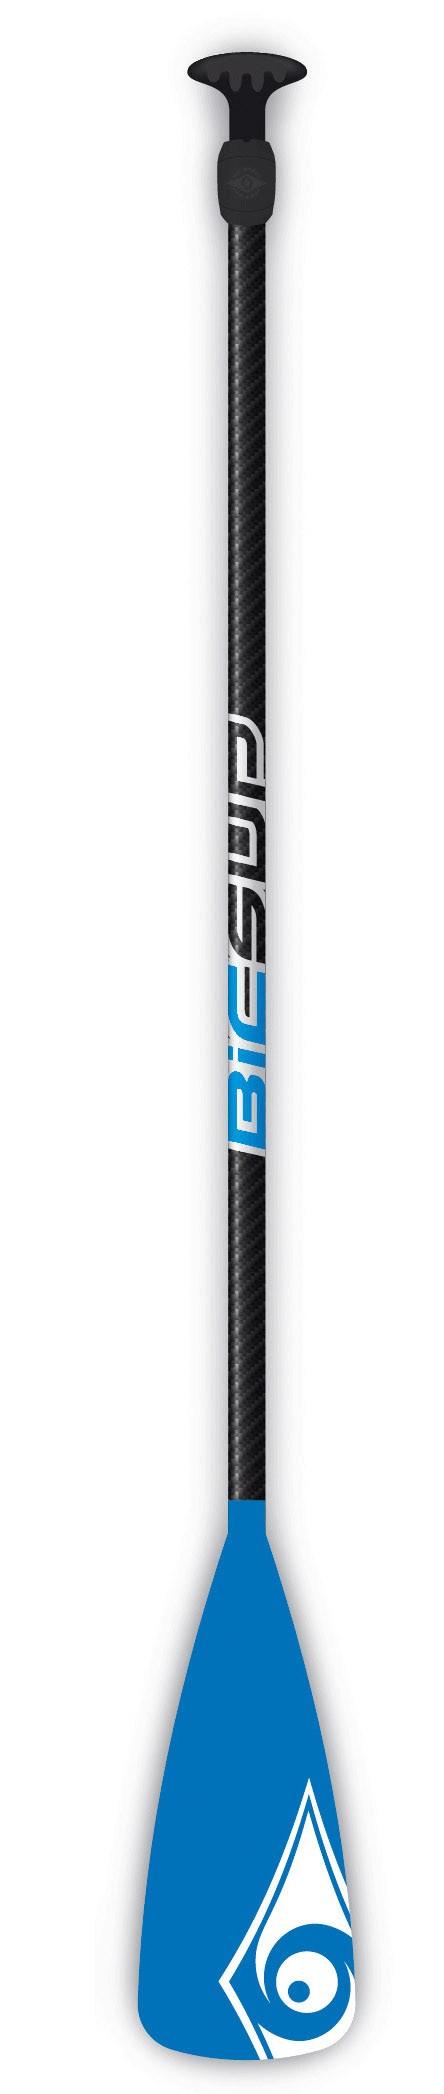 Pagaie de paddle Bic réglable en fibre 170 / 220 cm